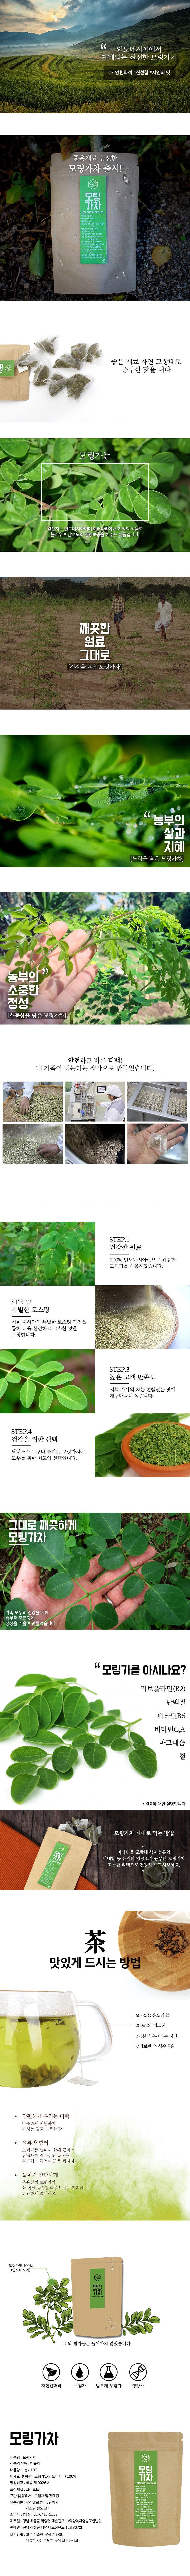 한유 모링가차 티백형 - 한국유기농, 2,900원, 차, 우롱차/전통차/한방차